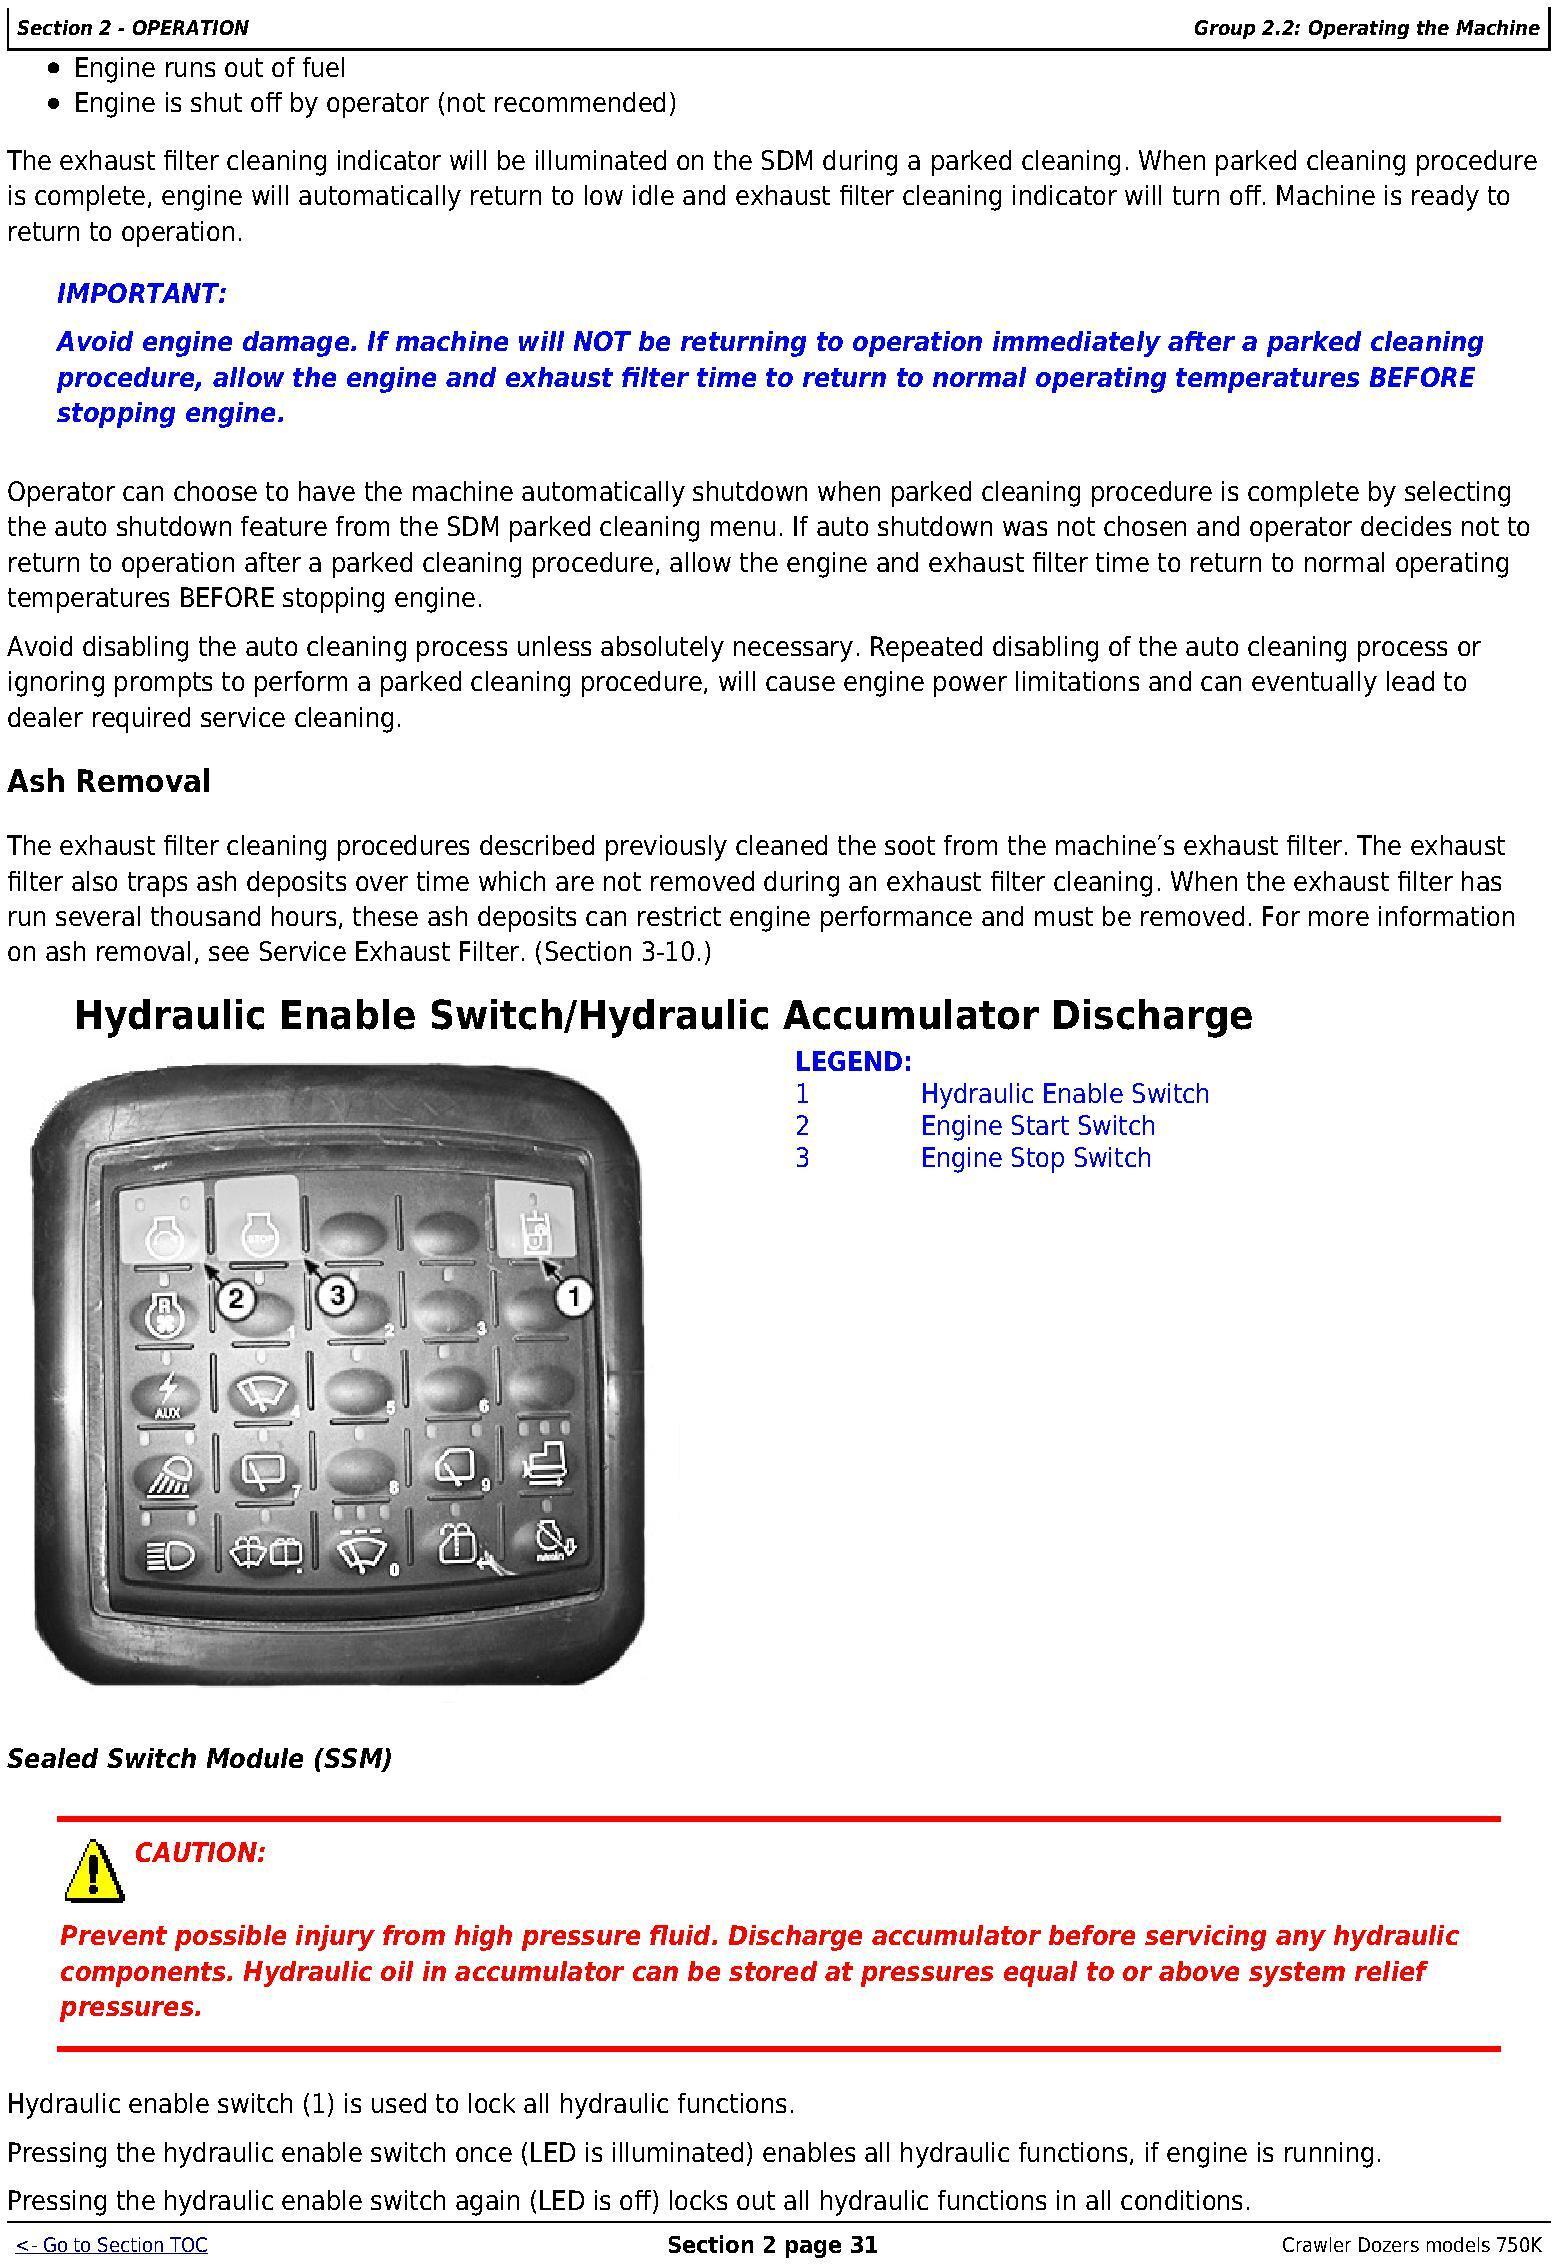 OMT298956 - John Deere 750K Crawler Dozer (PIN: 1T0750KX_ _E216966-) Operators Manual - 3